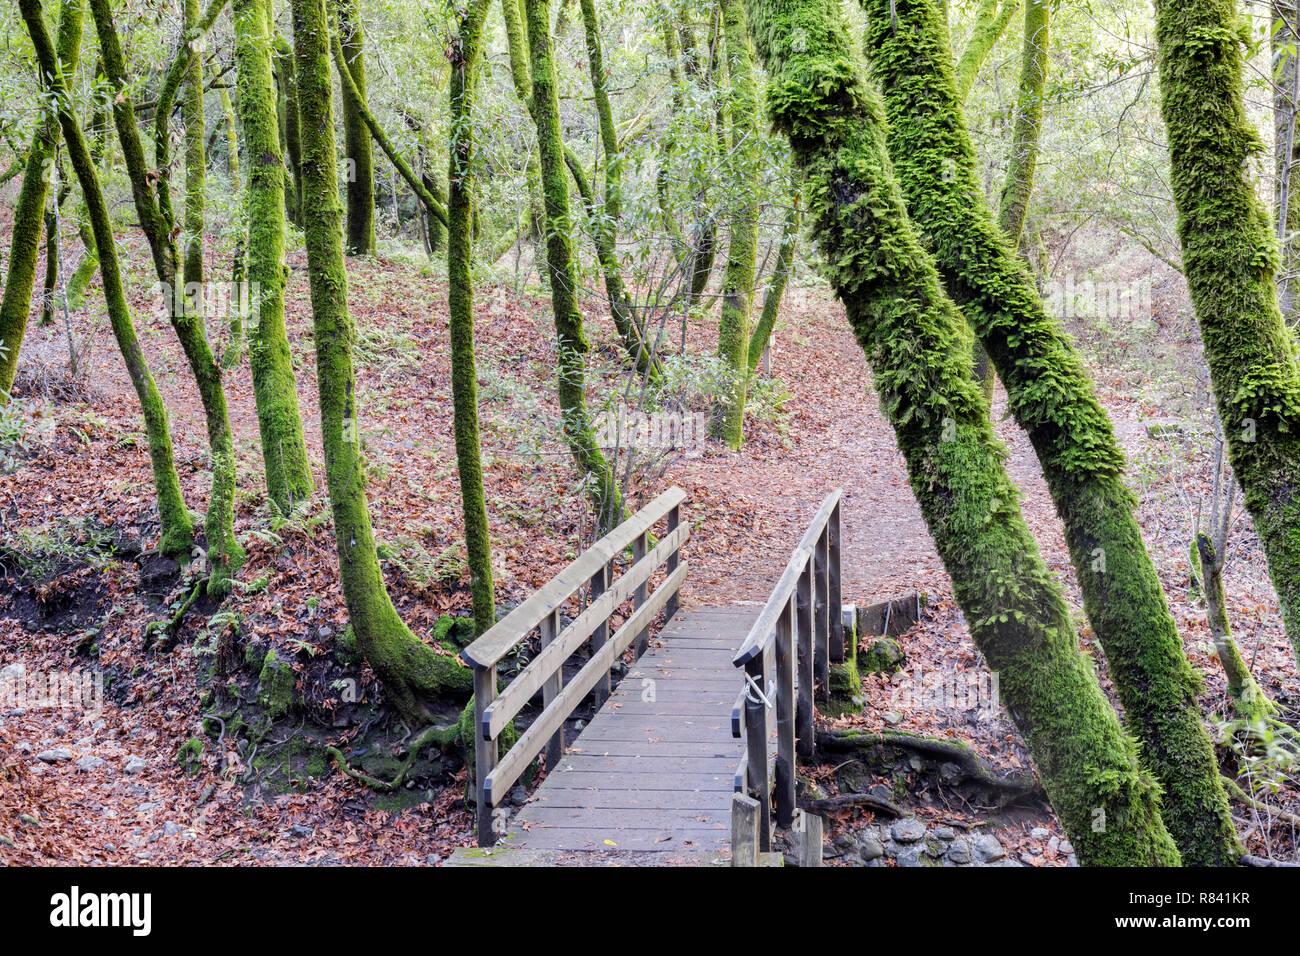 Puente de la bahía de California en el bosque de Laurisilva. Foto de stock